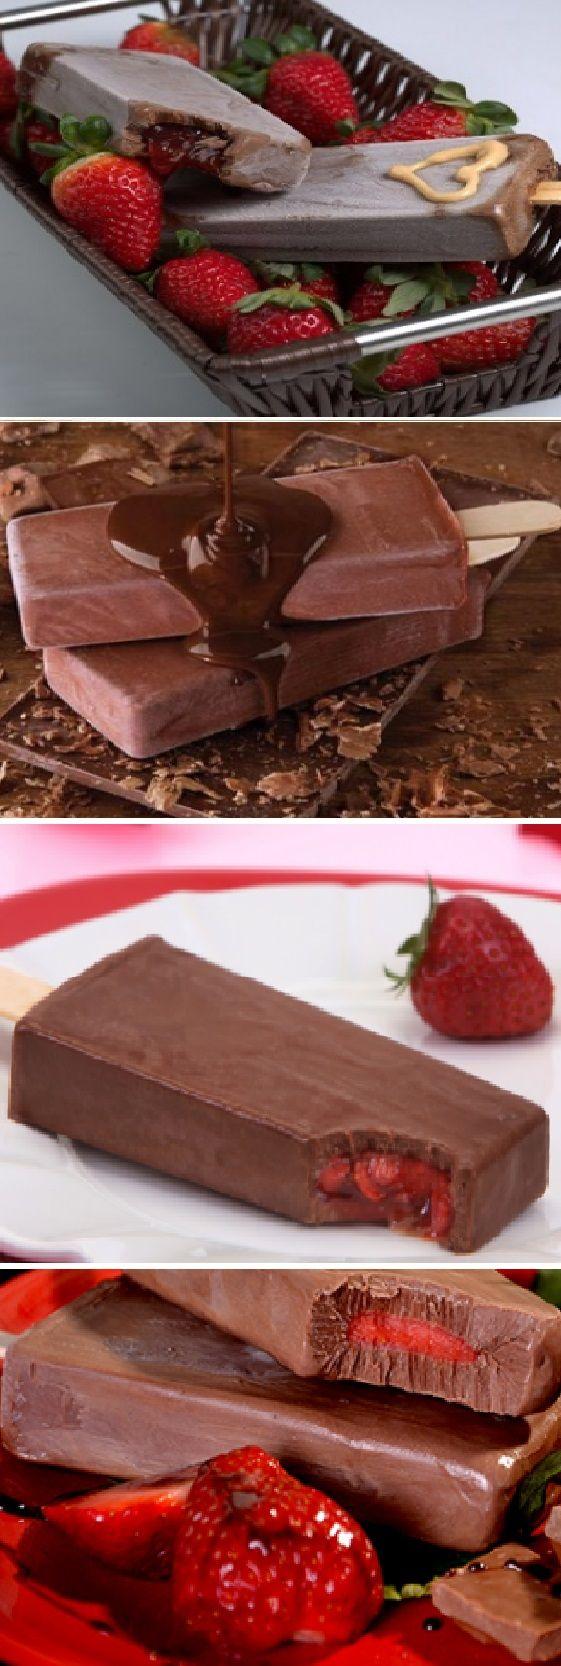 Deliciosas paletas heladas de chocolate con fresas